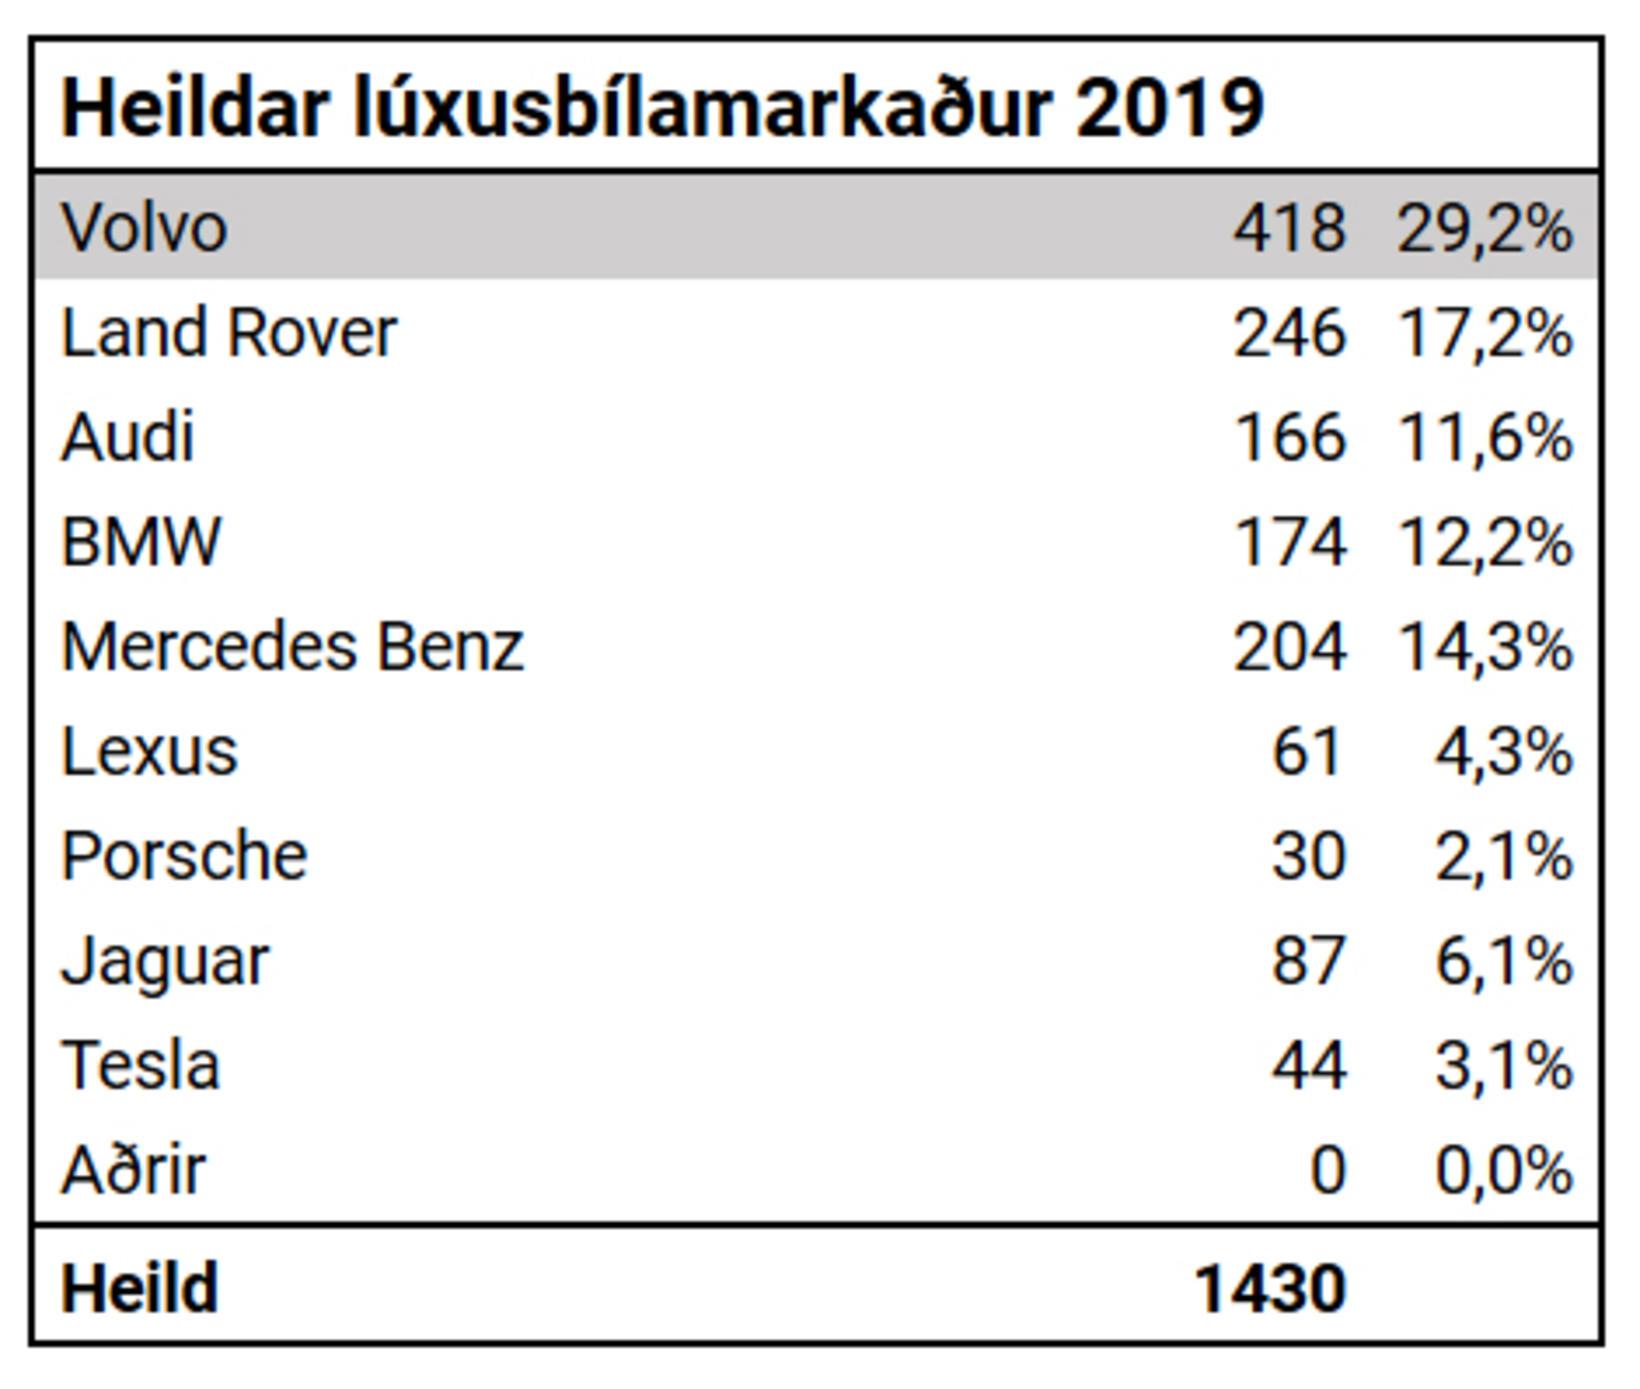 Lúxusbílamarkaðurinn íslenski 2019.